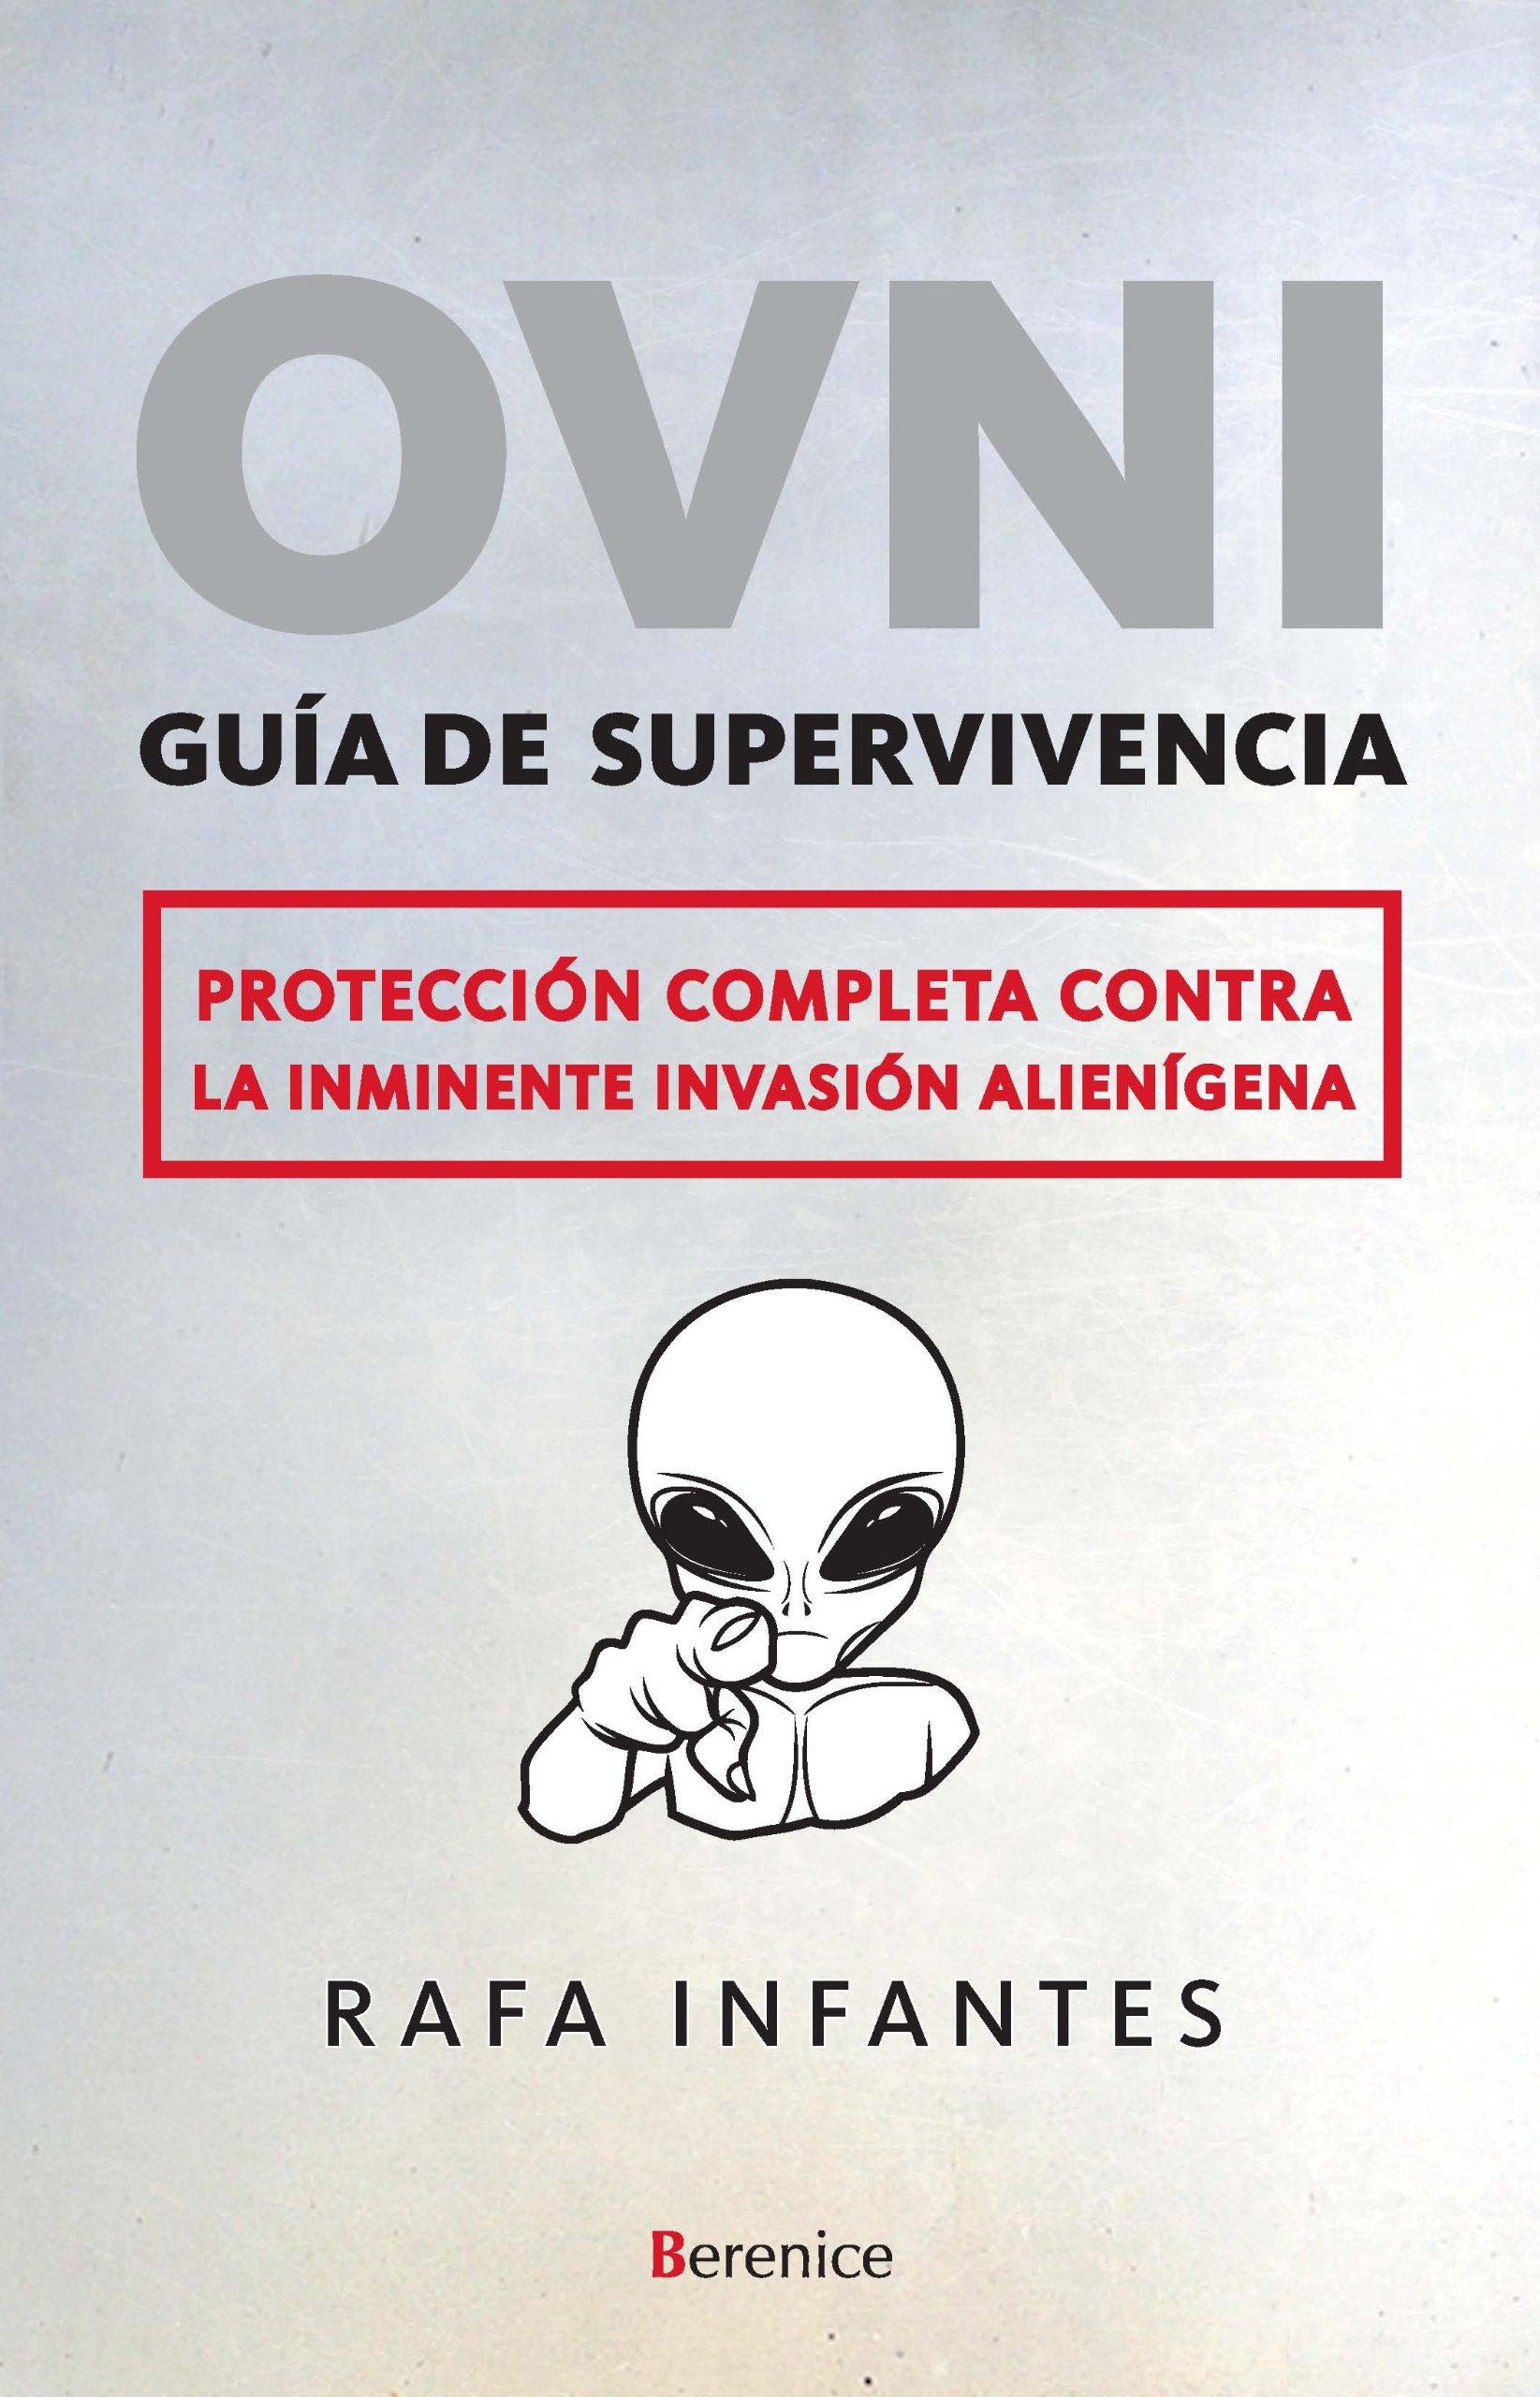 OVNI. Guía de superviviencia (Fuera de colección): Amazon.es: Infantes Lubián, Rafael: Libros